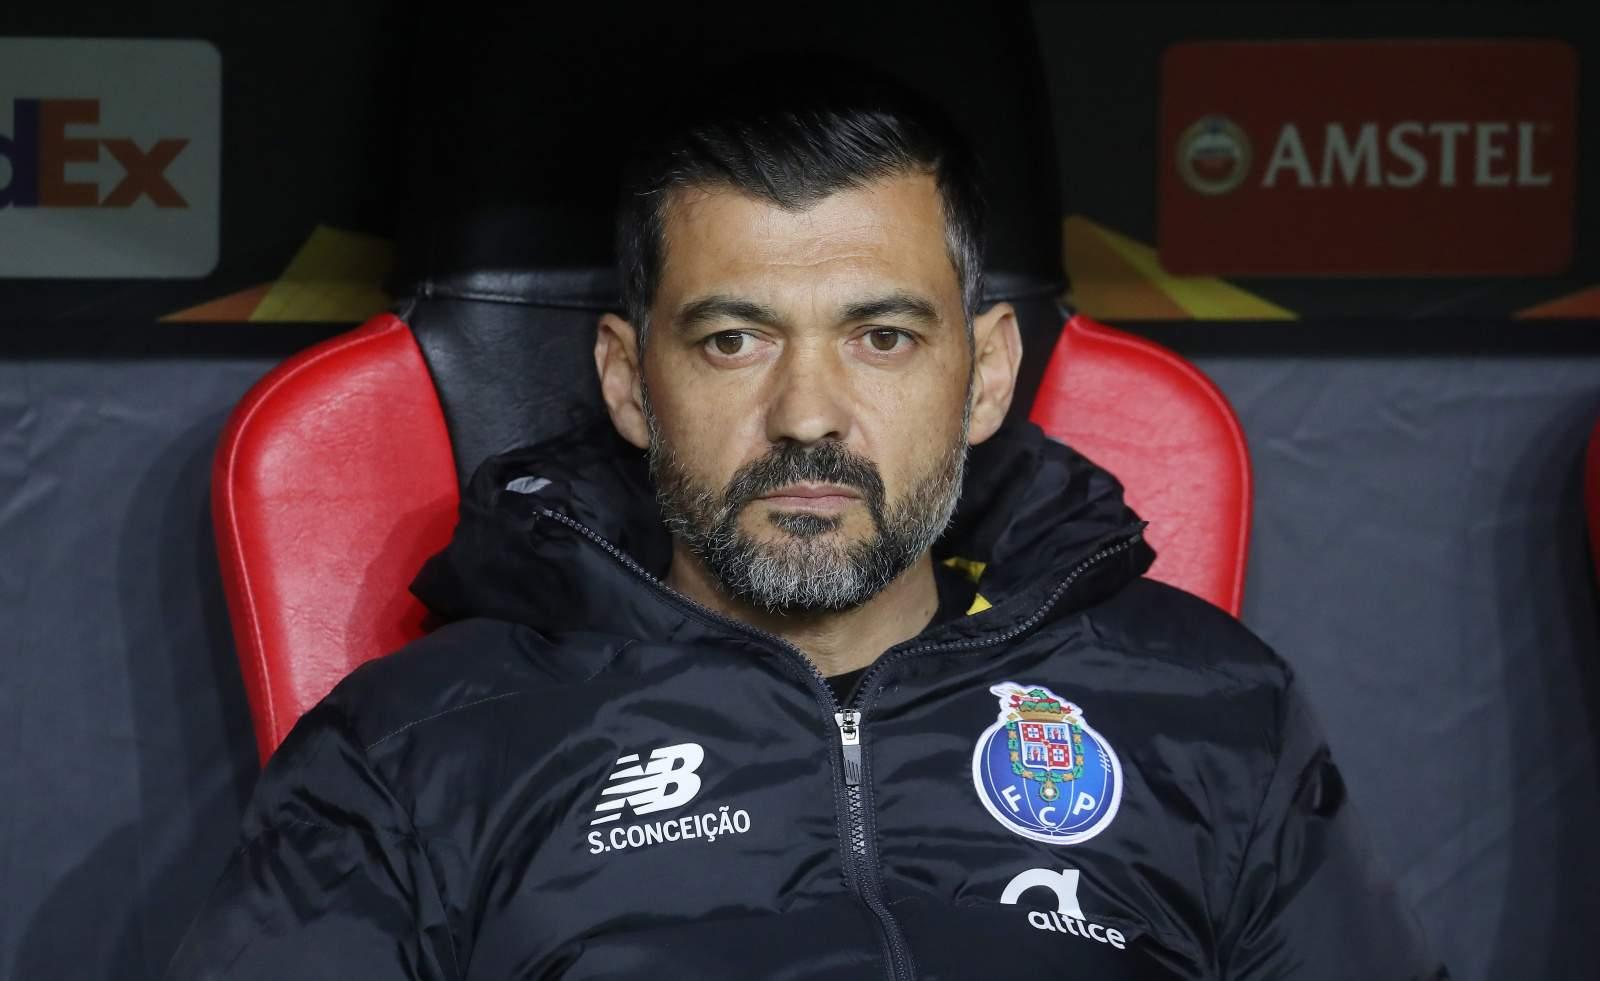 Тренер «Порту»: «Результат несправедлив, но в футболе всё решают голы»